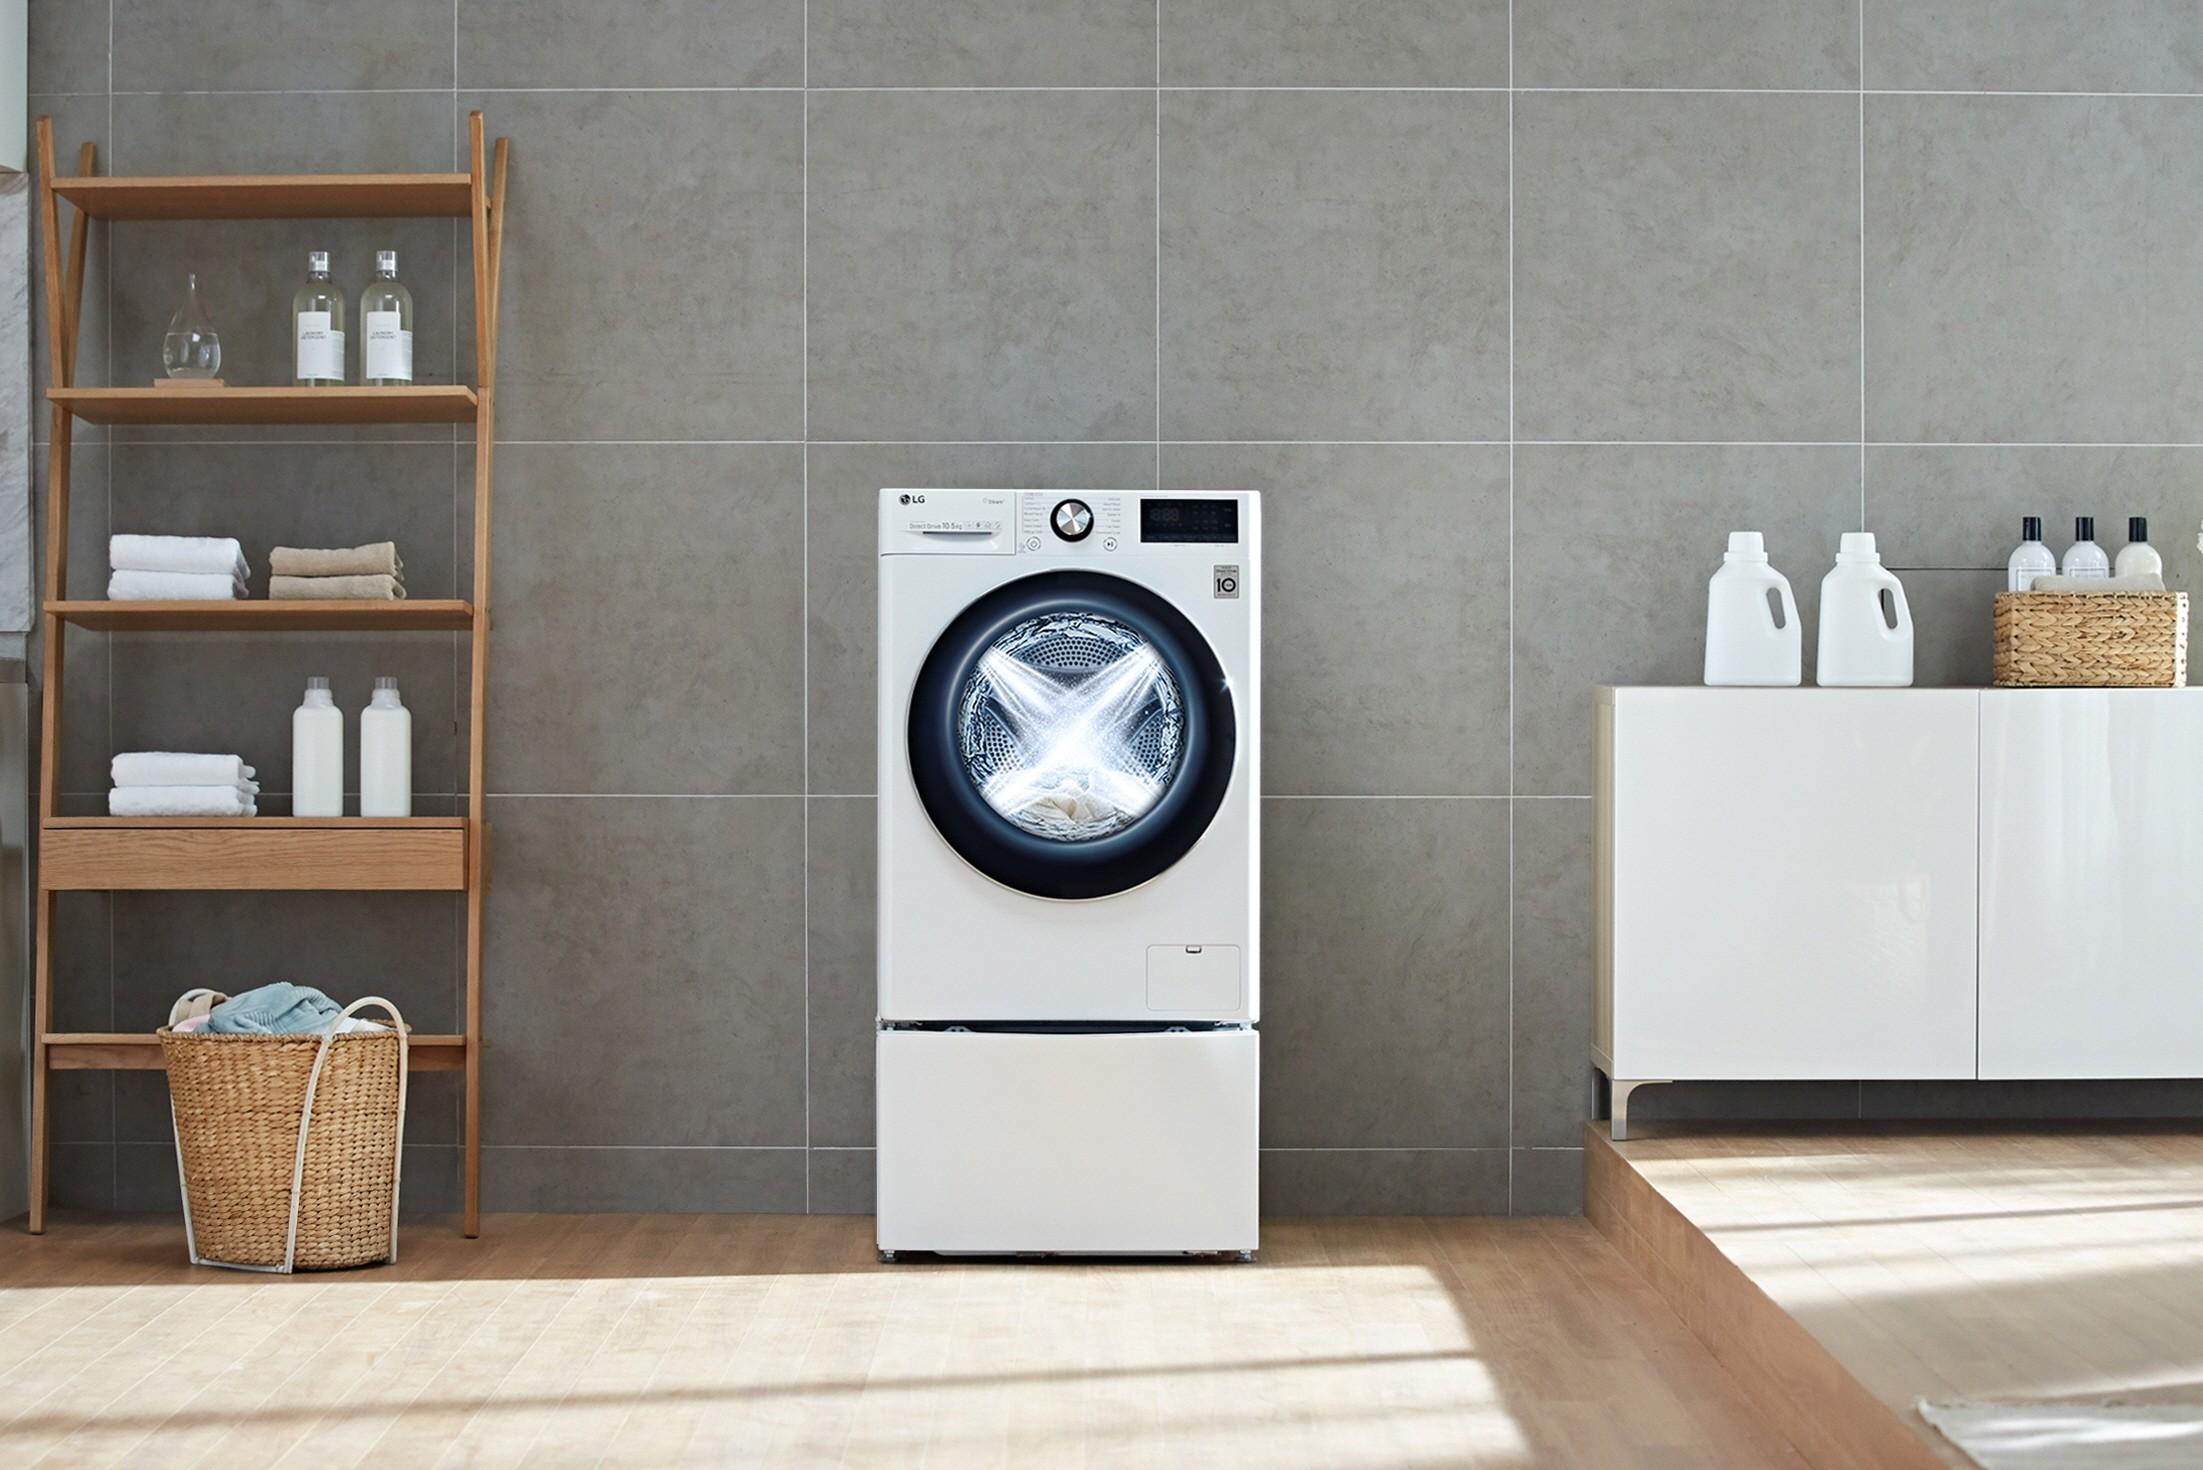 LG presentó en IFA 2019 su casa inteligente y conectada (1)